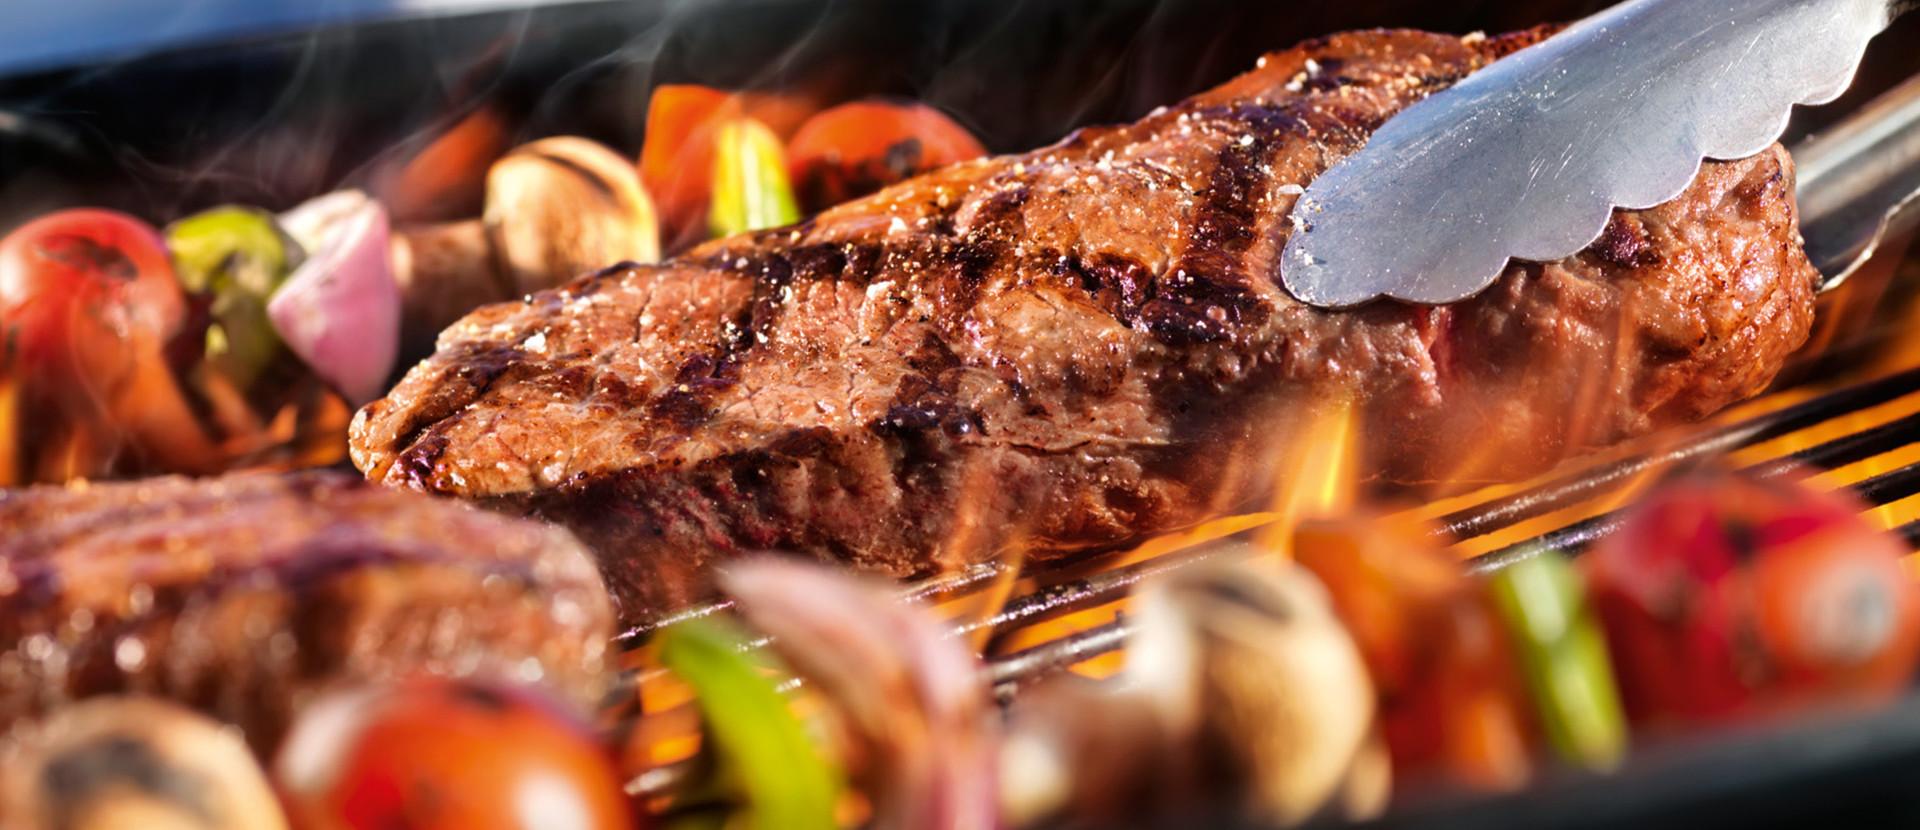 Grillen Steak Spiesse auf Grill